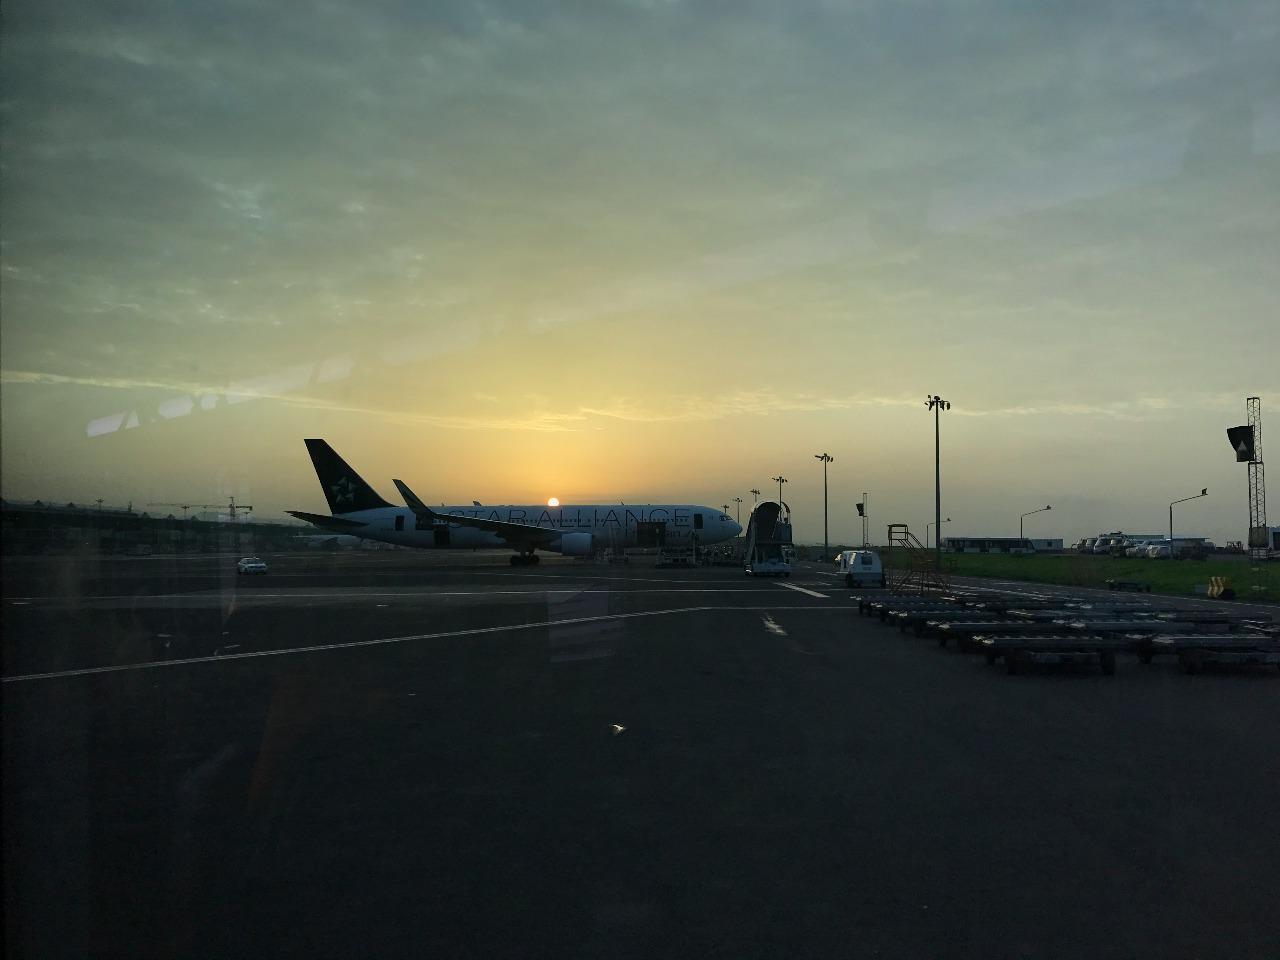 Arriving in Ethiopia at sunrise